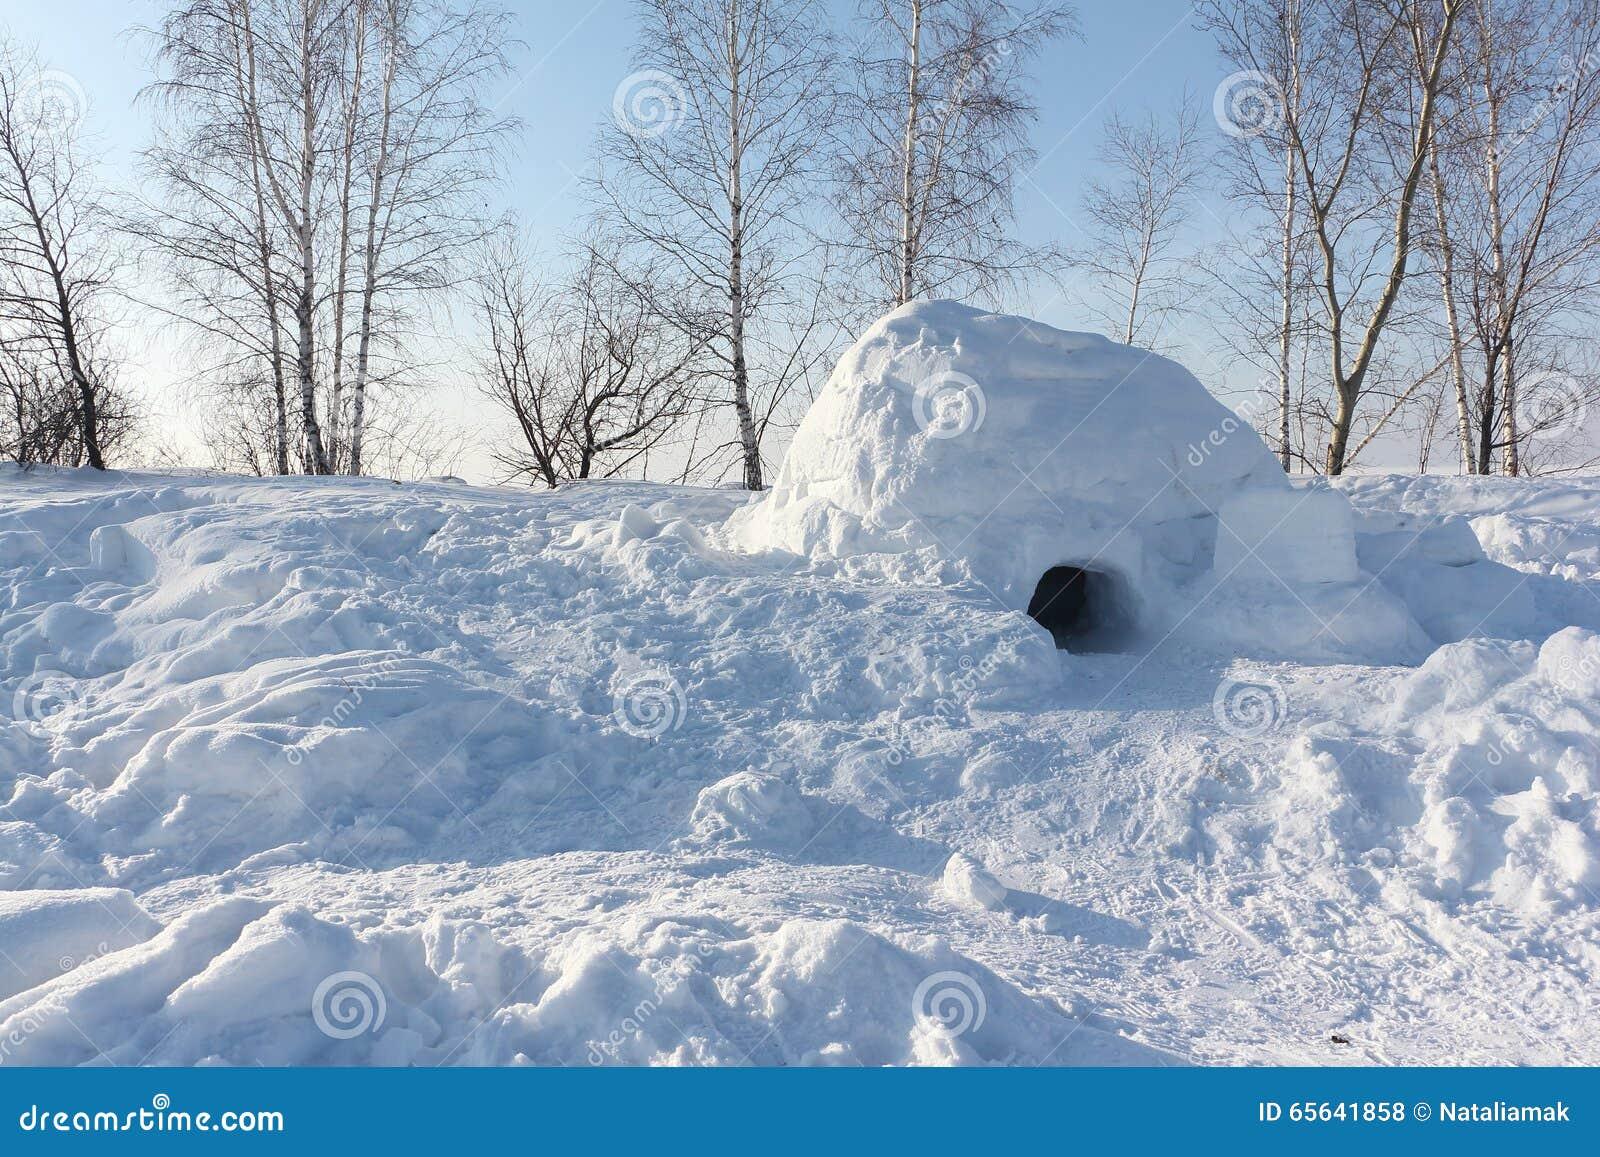 Le logement un igloo sur une clairière de neige pendant l hiver au coucher du soleil